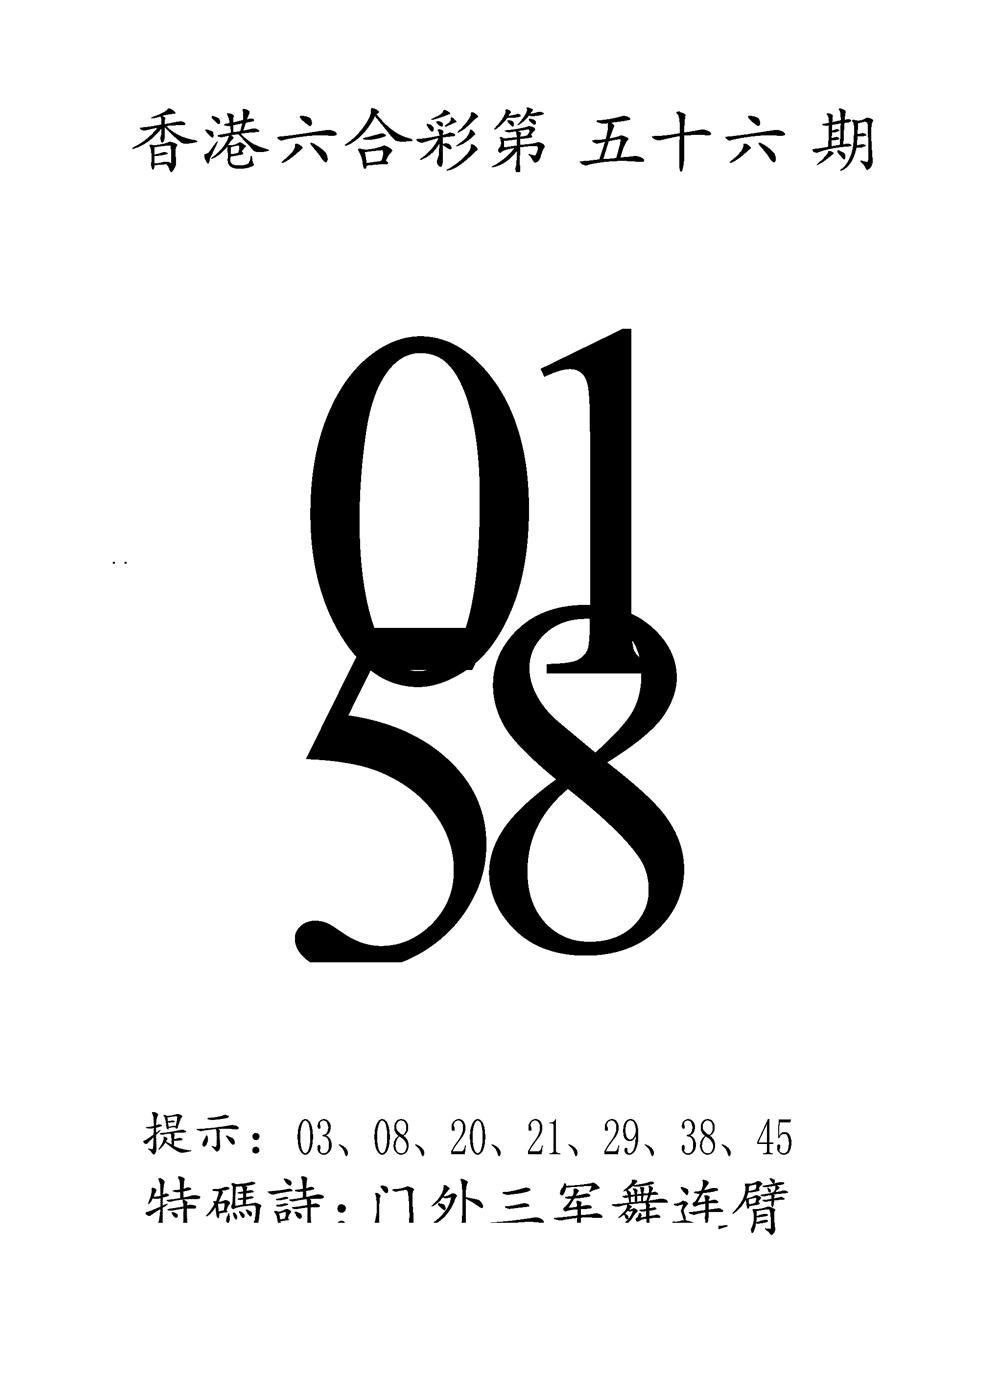 056期澳门三合王B(黑白)